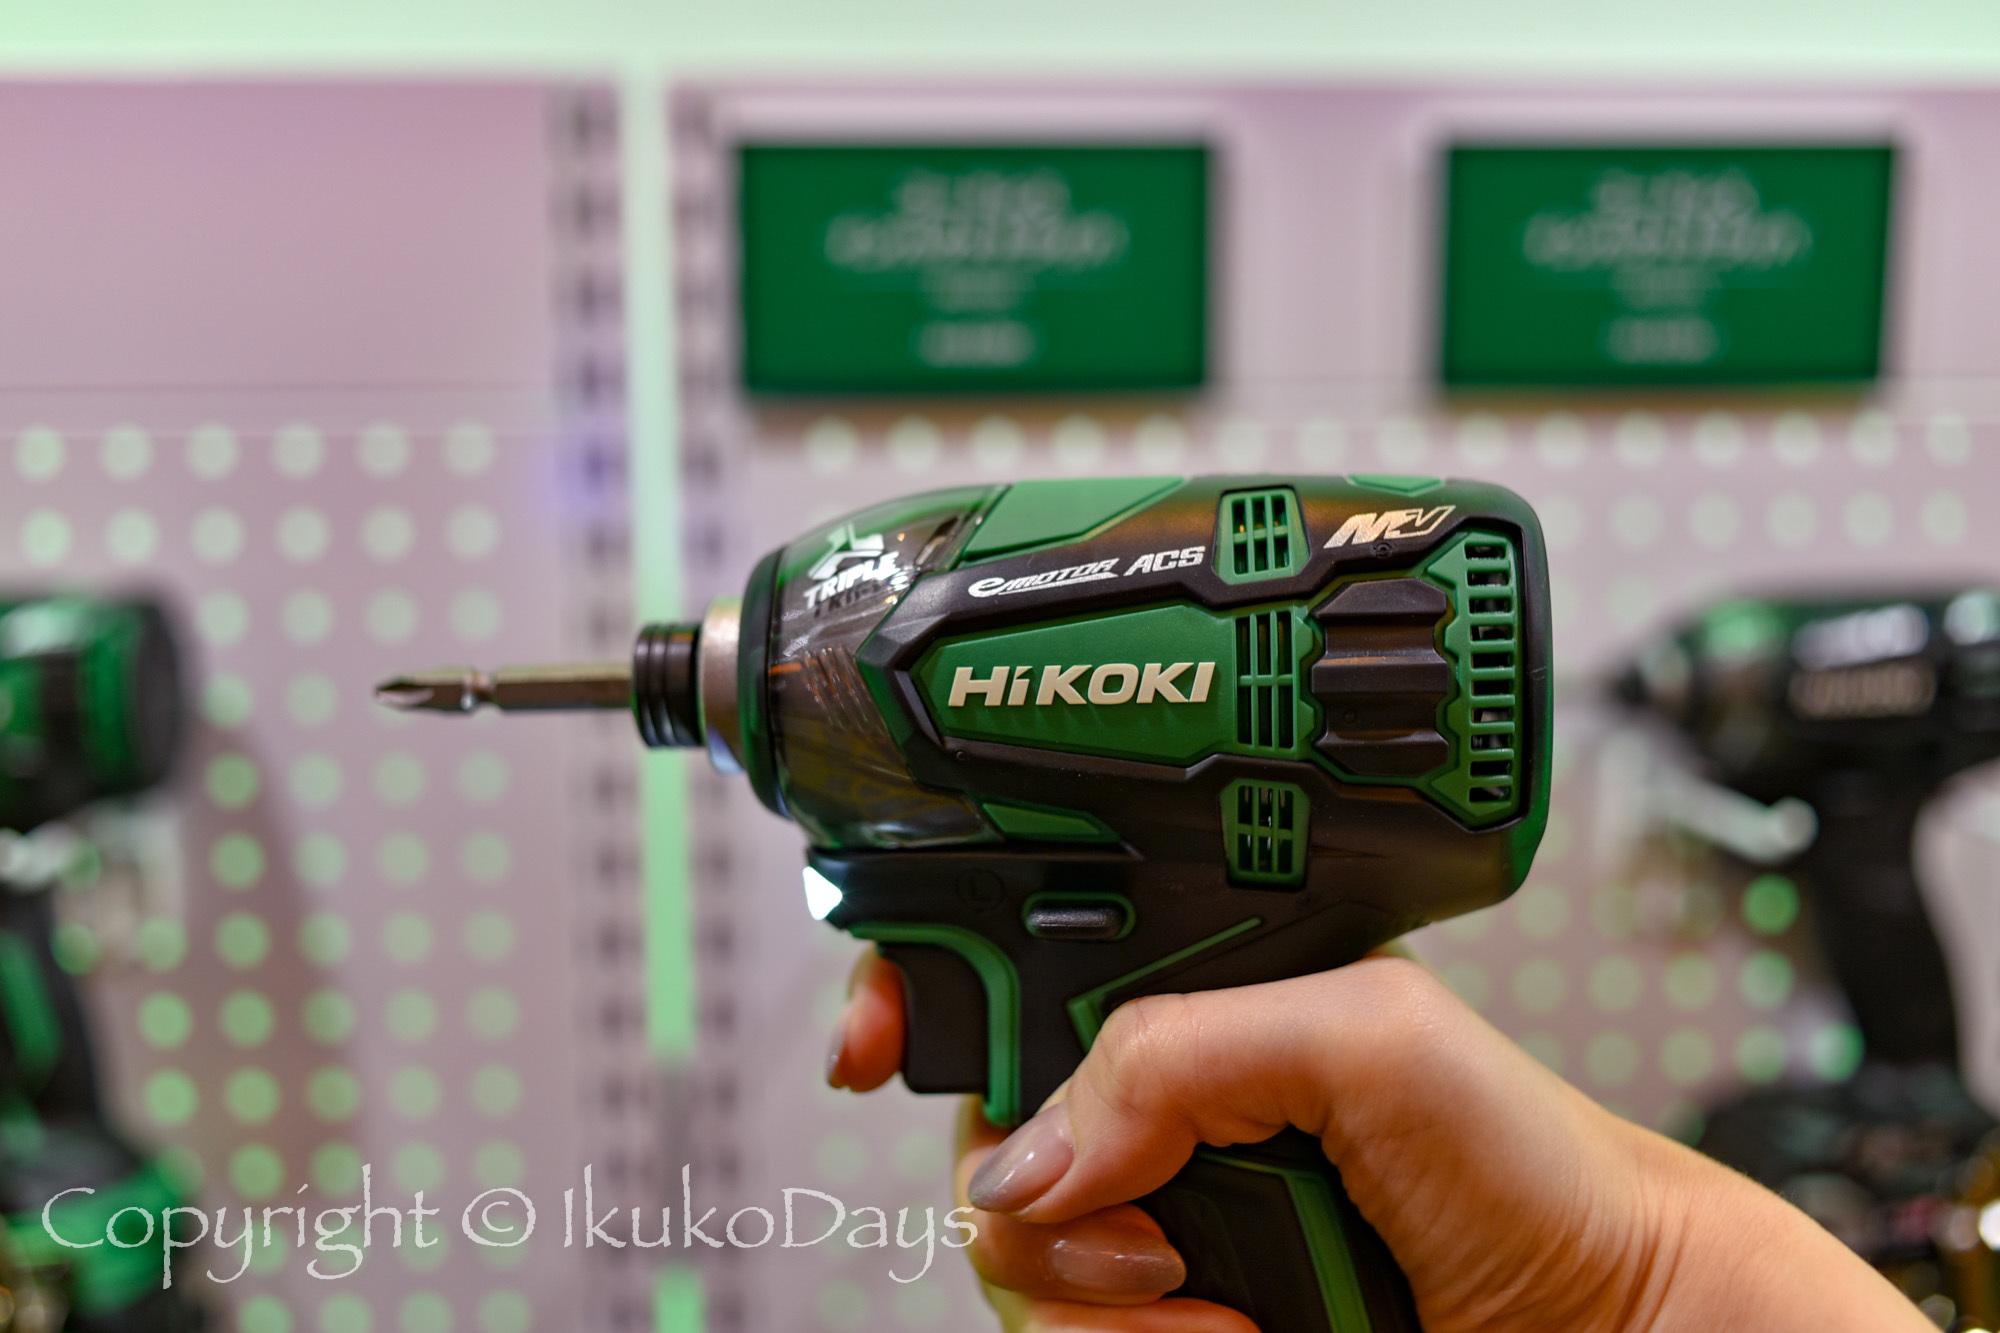 【PR】マルチボルトで全てをコードレス化!プロ用電動工具『HiKOKI(ハイコーキ)』新作発表会_d0114093_03343417.jpg